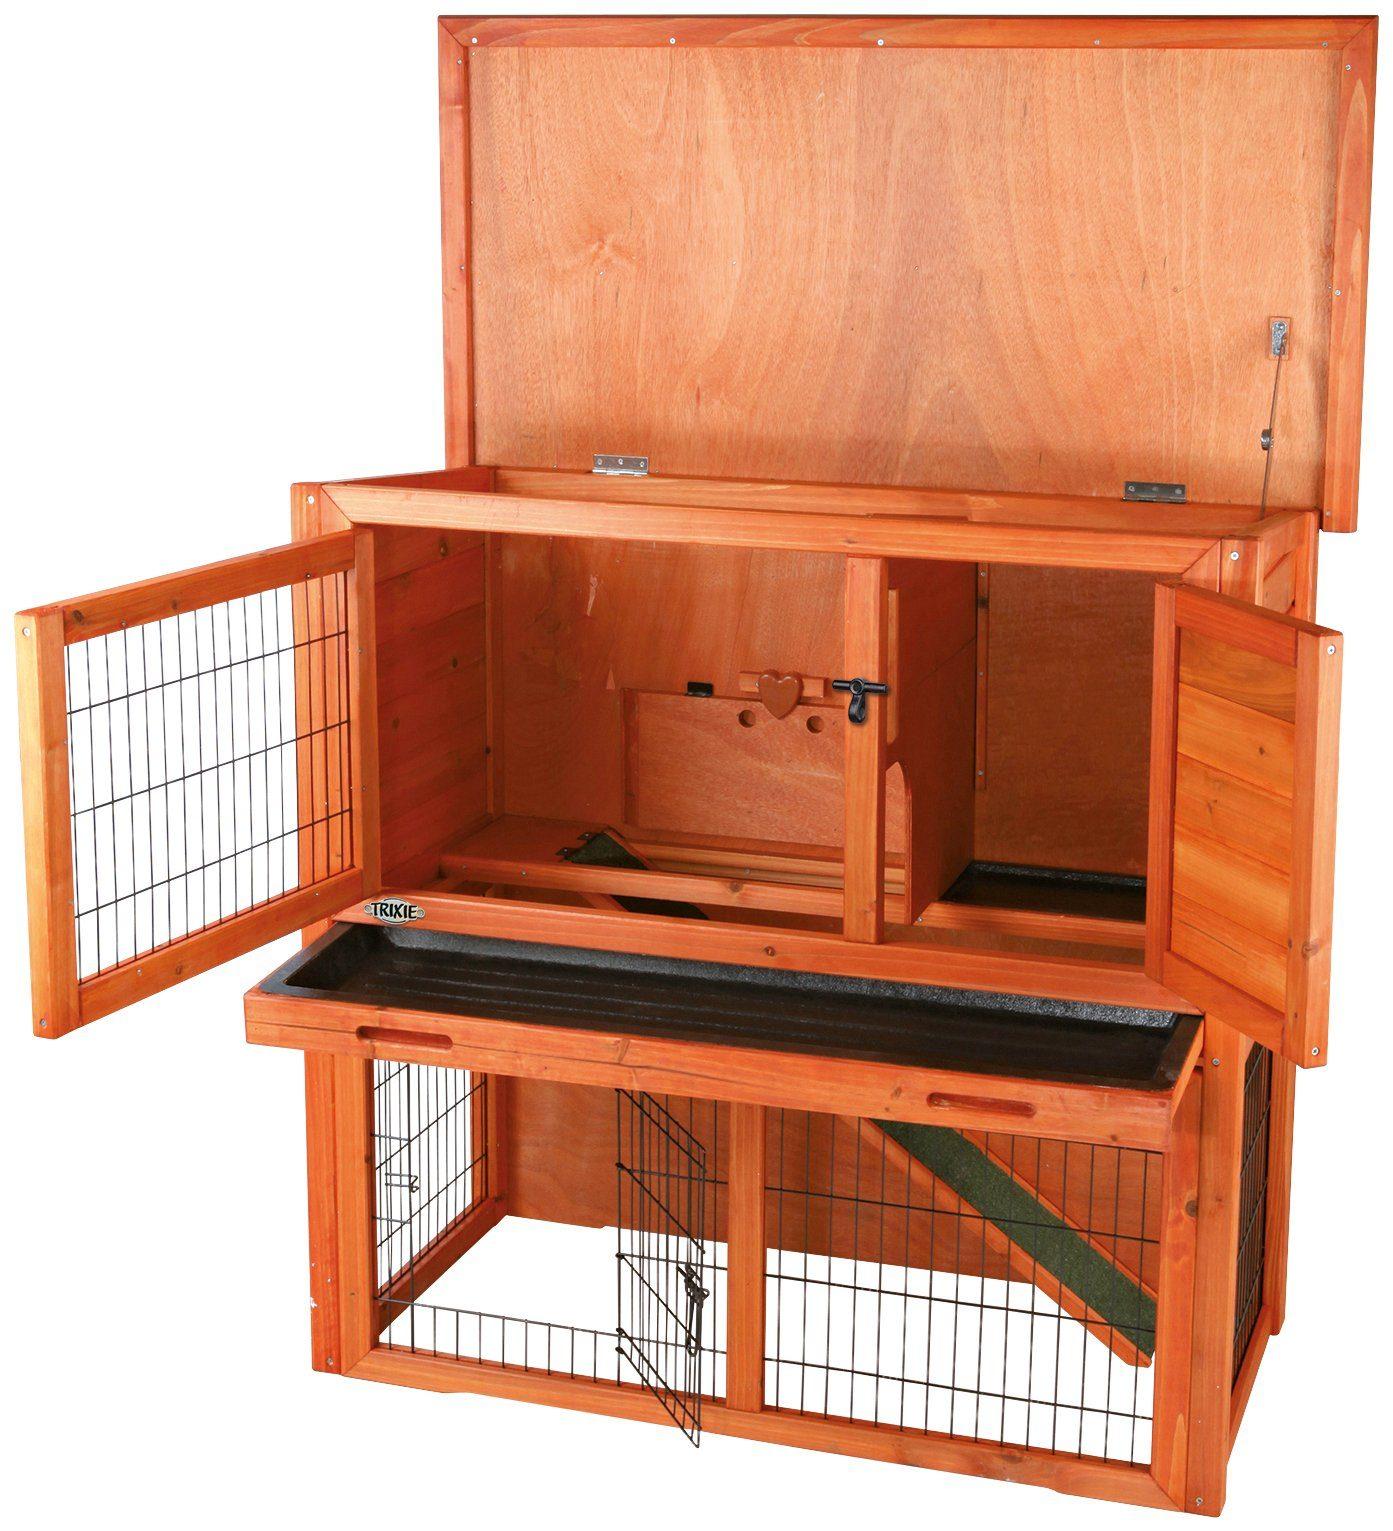 TRIXIE Kleintierstall , BxTxH: 104x52x97 cm, mit Freilaufgehege, zweistöckig